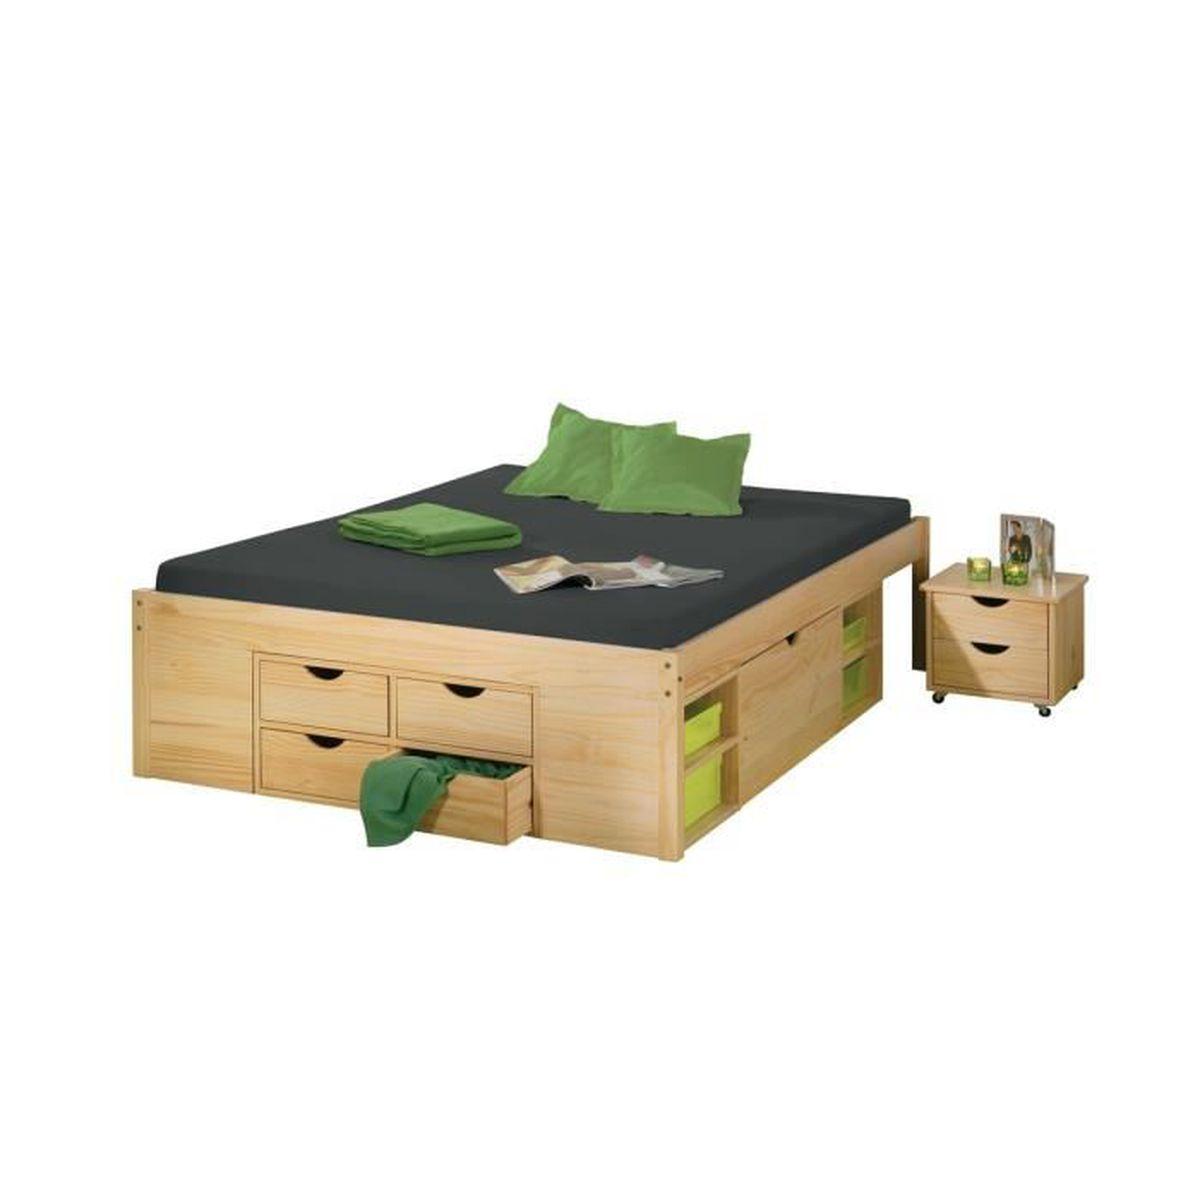 cali lit 140x190 cm multi rangement achat vente structure de lit cali lit 140x190 cm. Black Bedroom Furniture Sets. Home Design Ideas